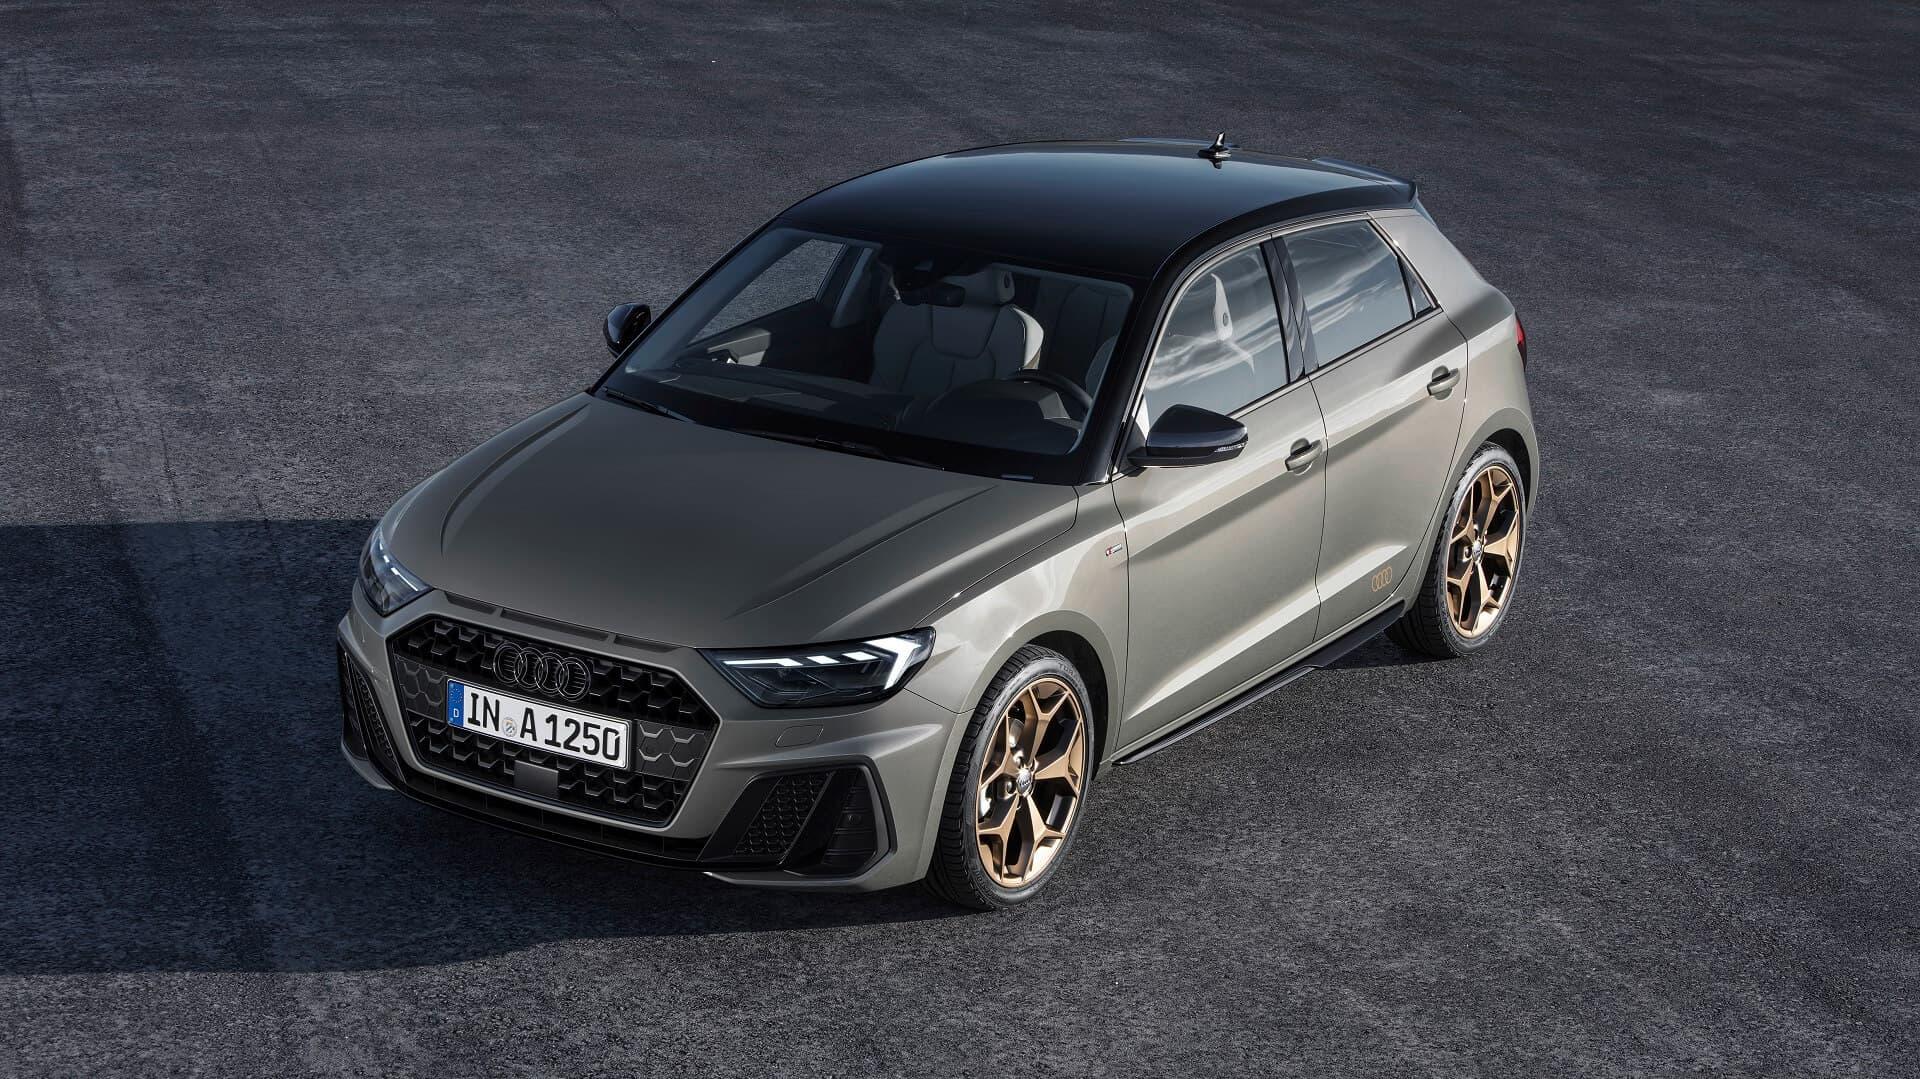 Το Audi A1 - Εμπρός όψη